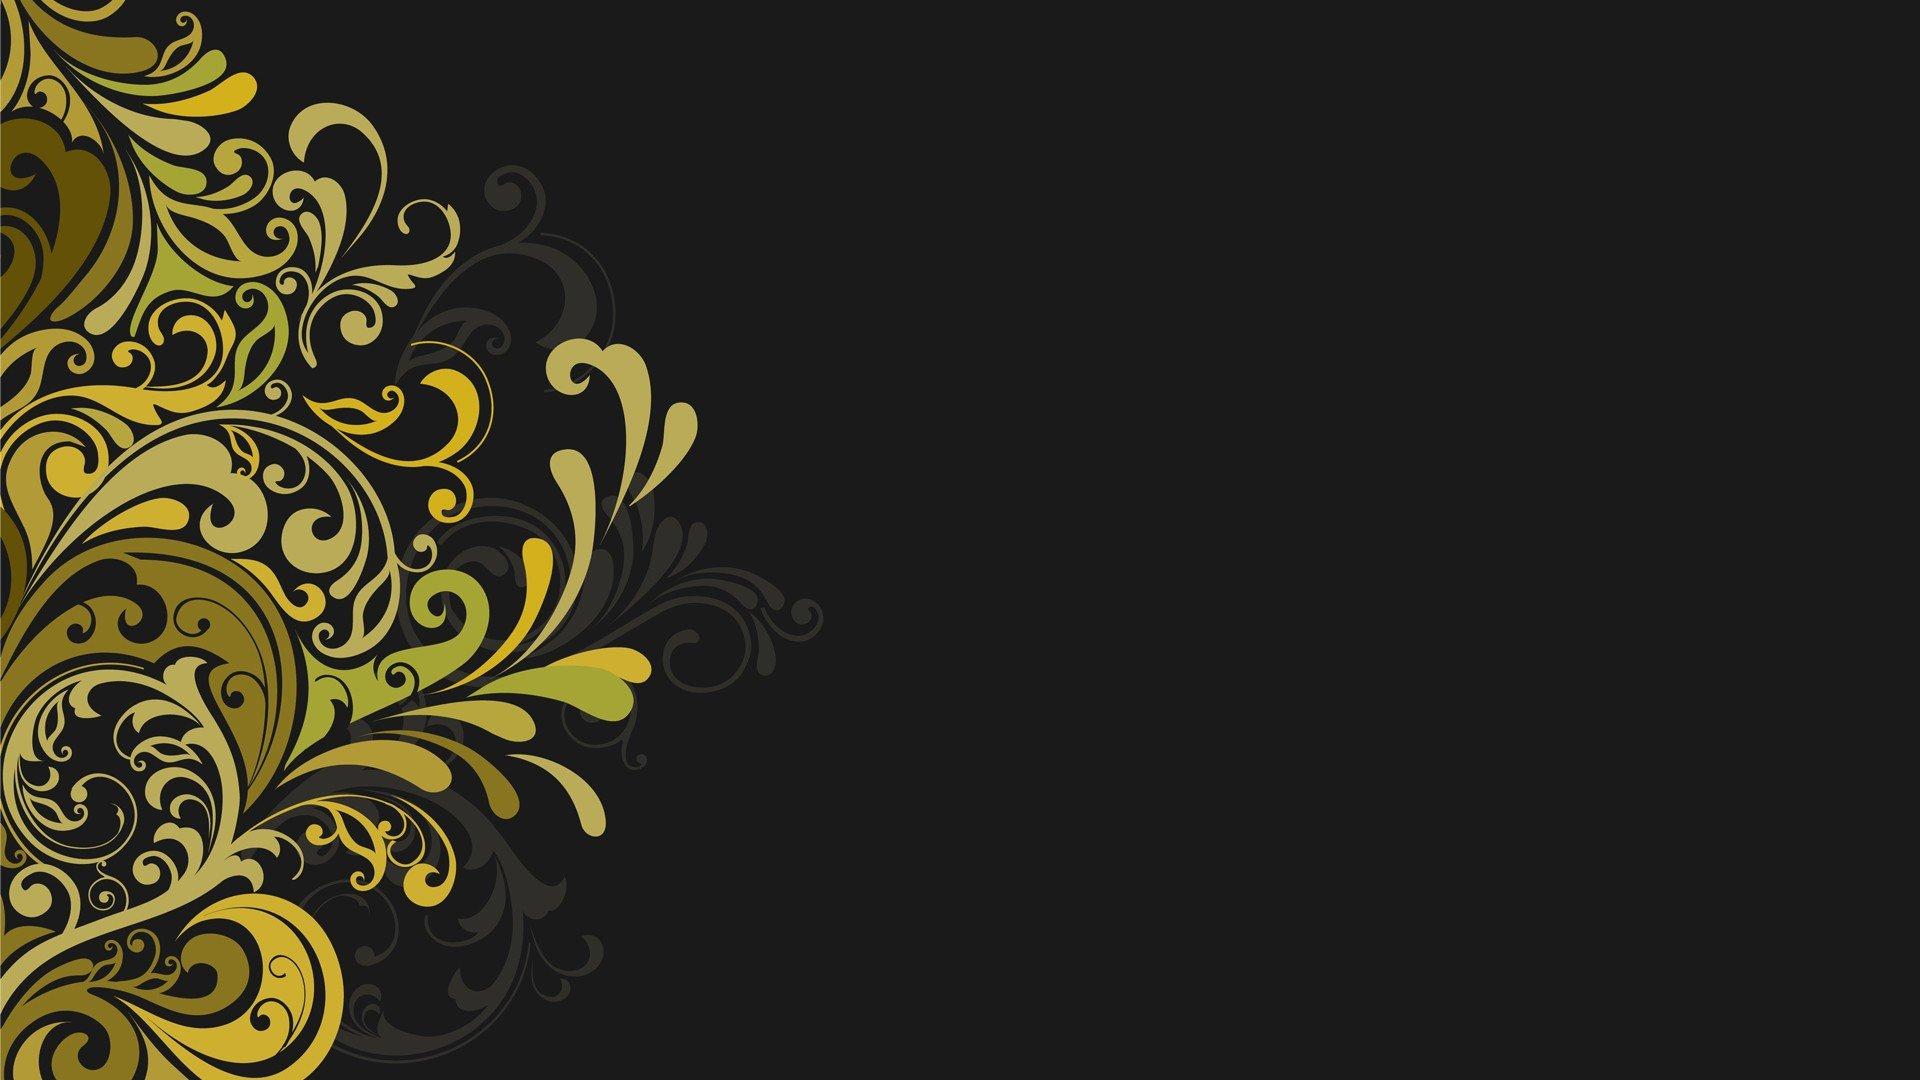 Vectors Floral Graphics Grey Background Wallpaper 1920x1080